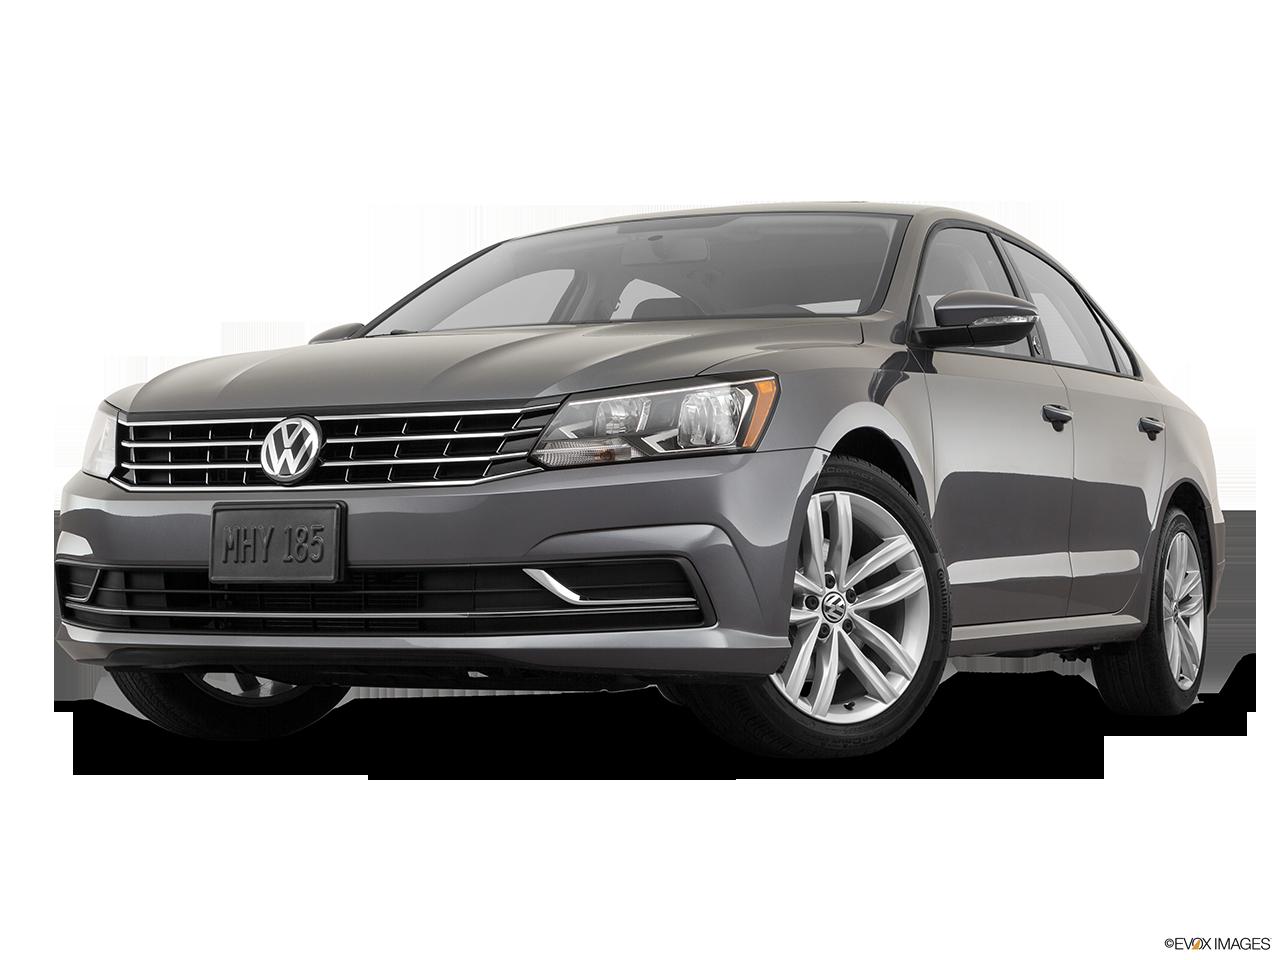 2019 Volkswagen Passat photo